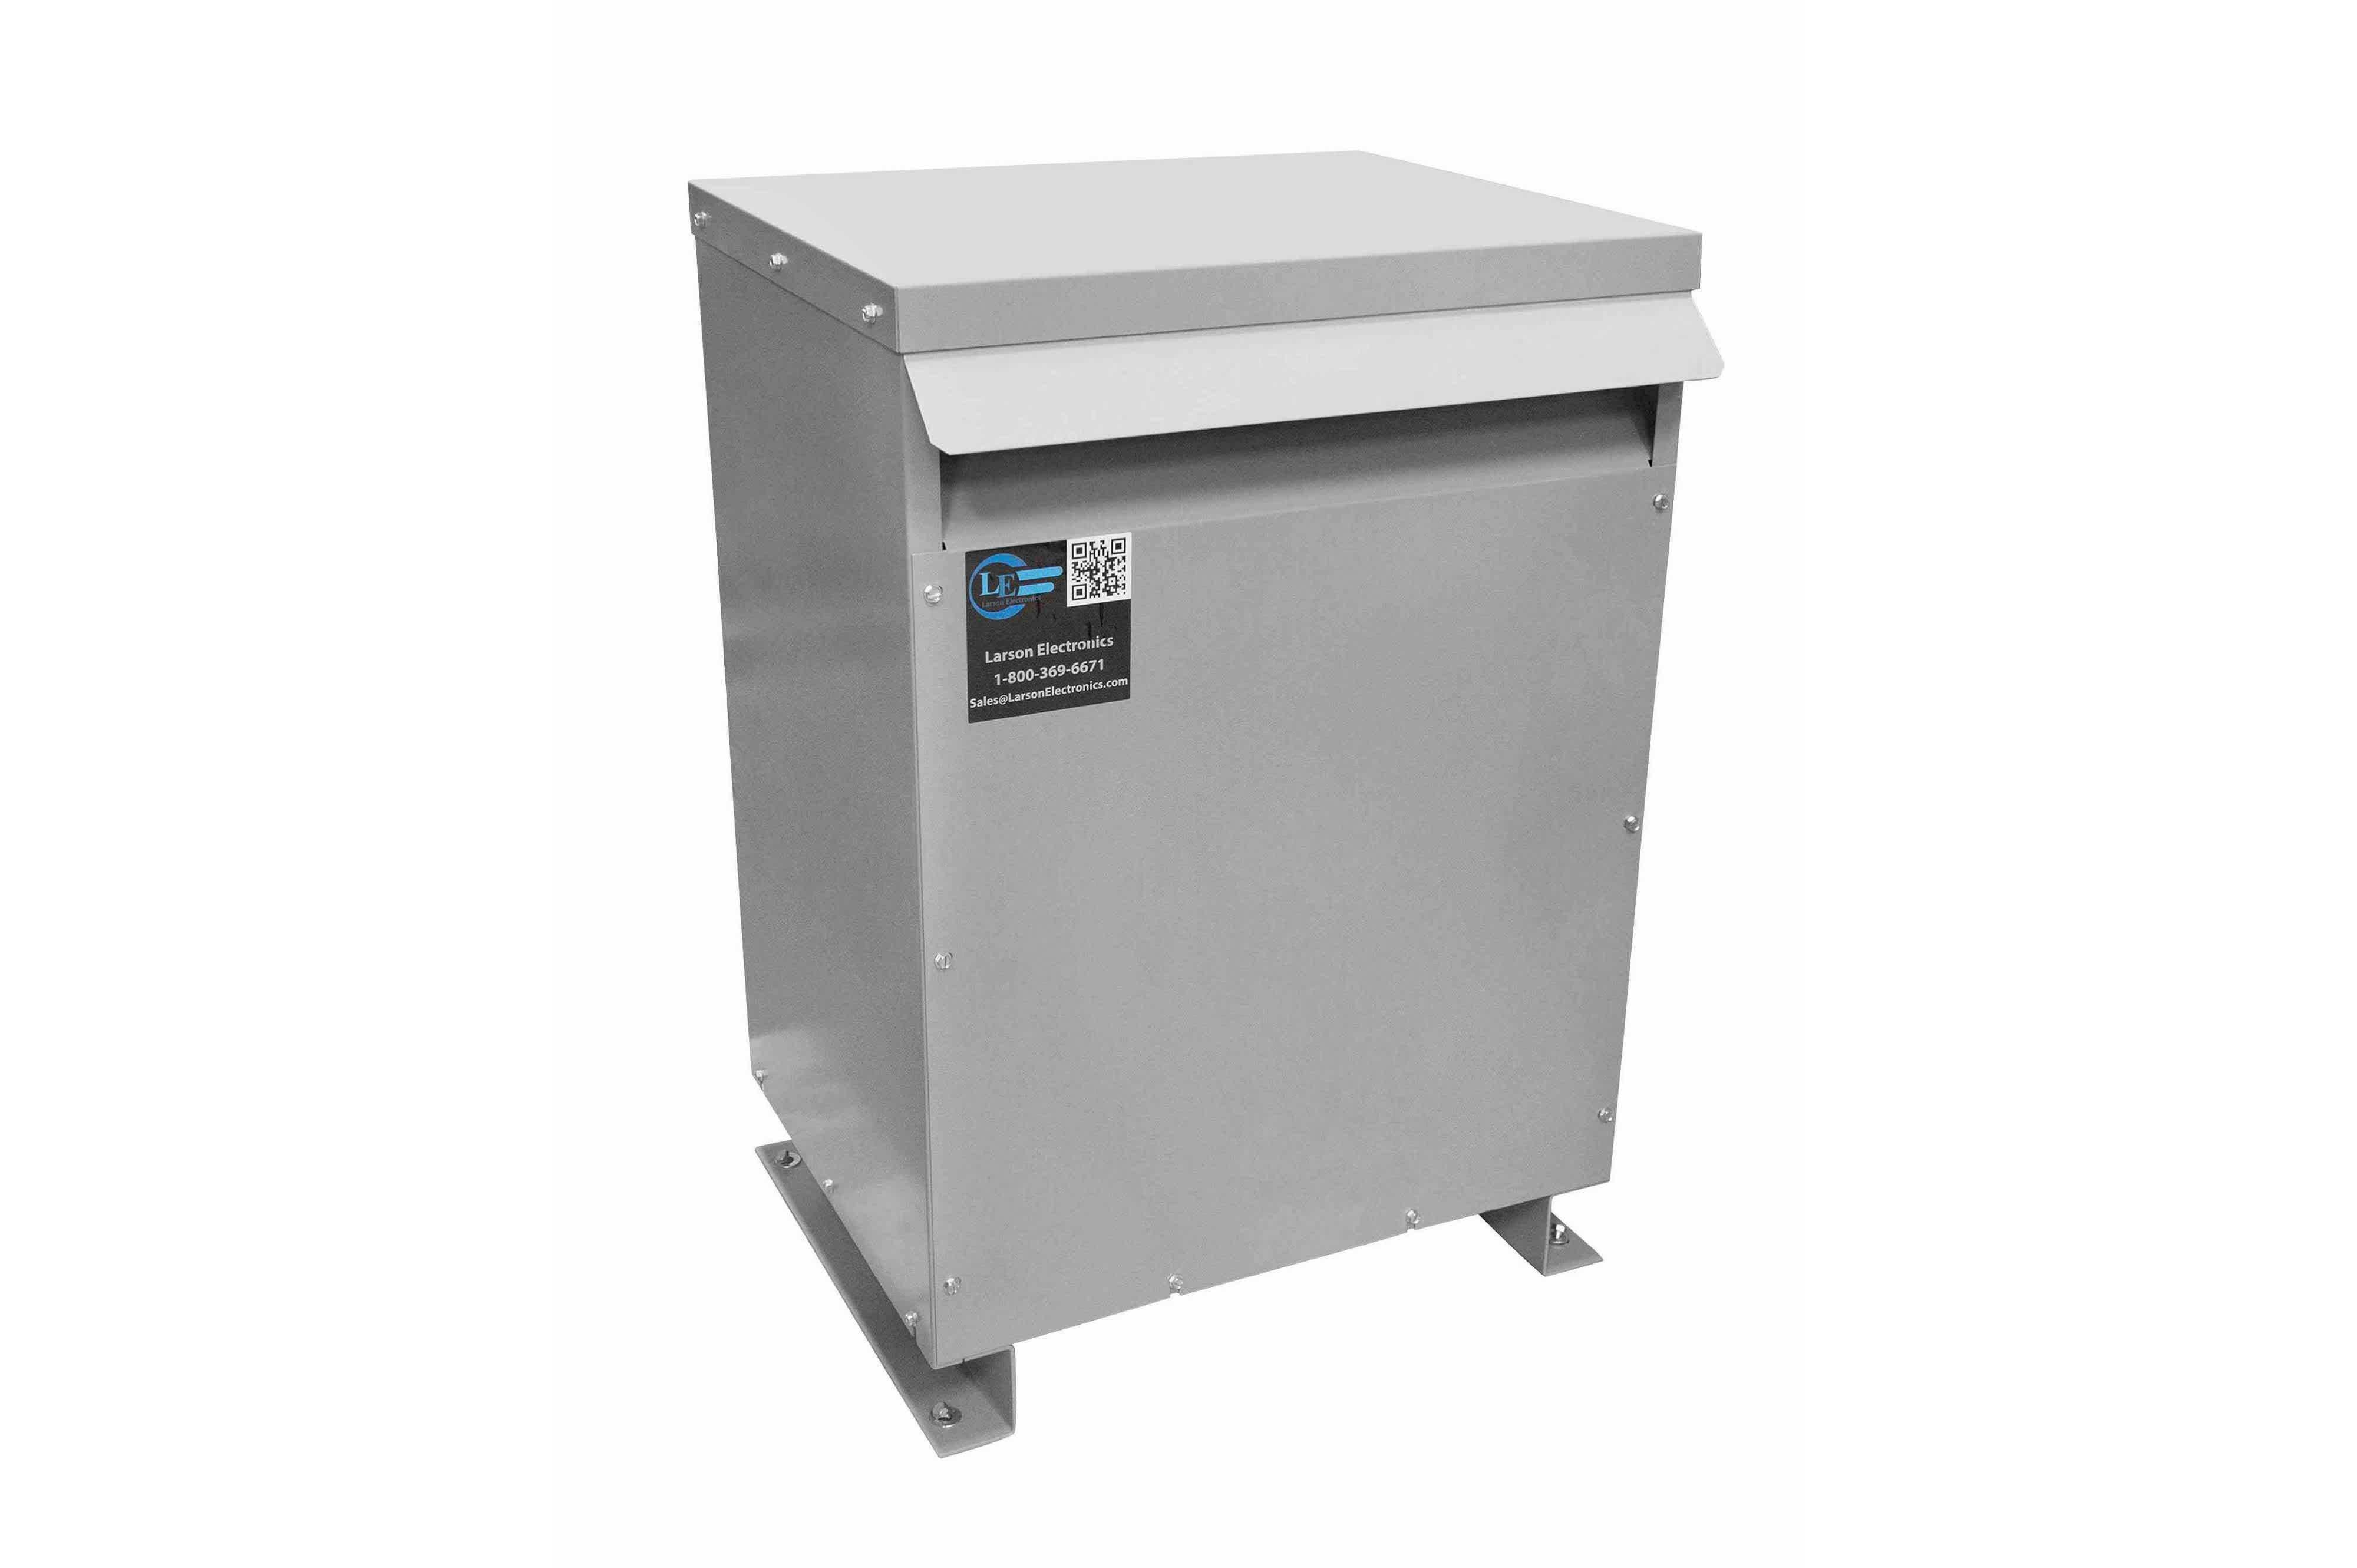 300 kVA 3PH Isolation Transformer, 230V Delta Primary, 208V Delta Secondary, N3R, Ventilated, 60 Hz